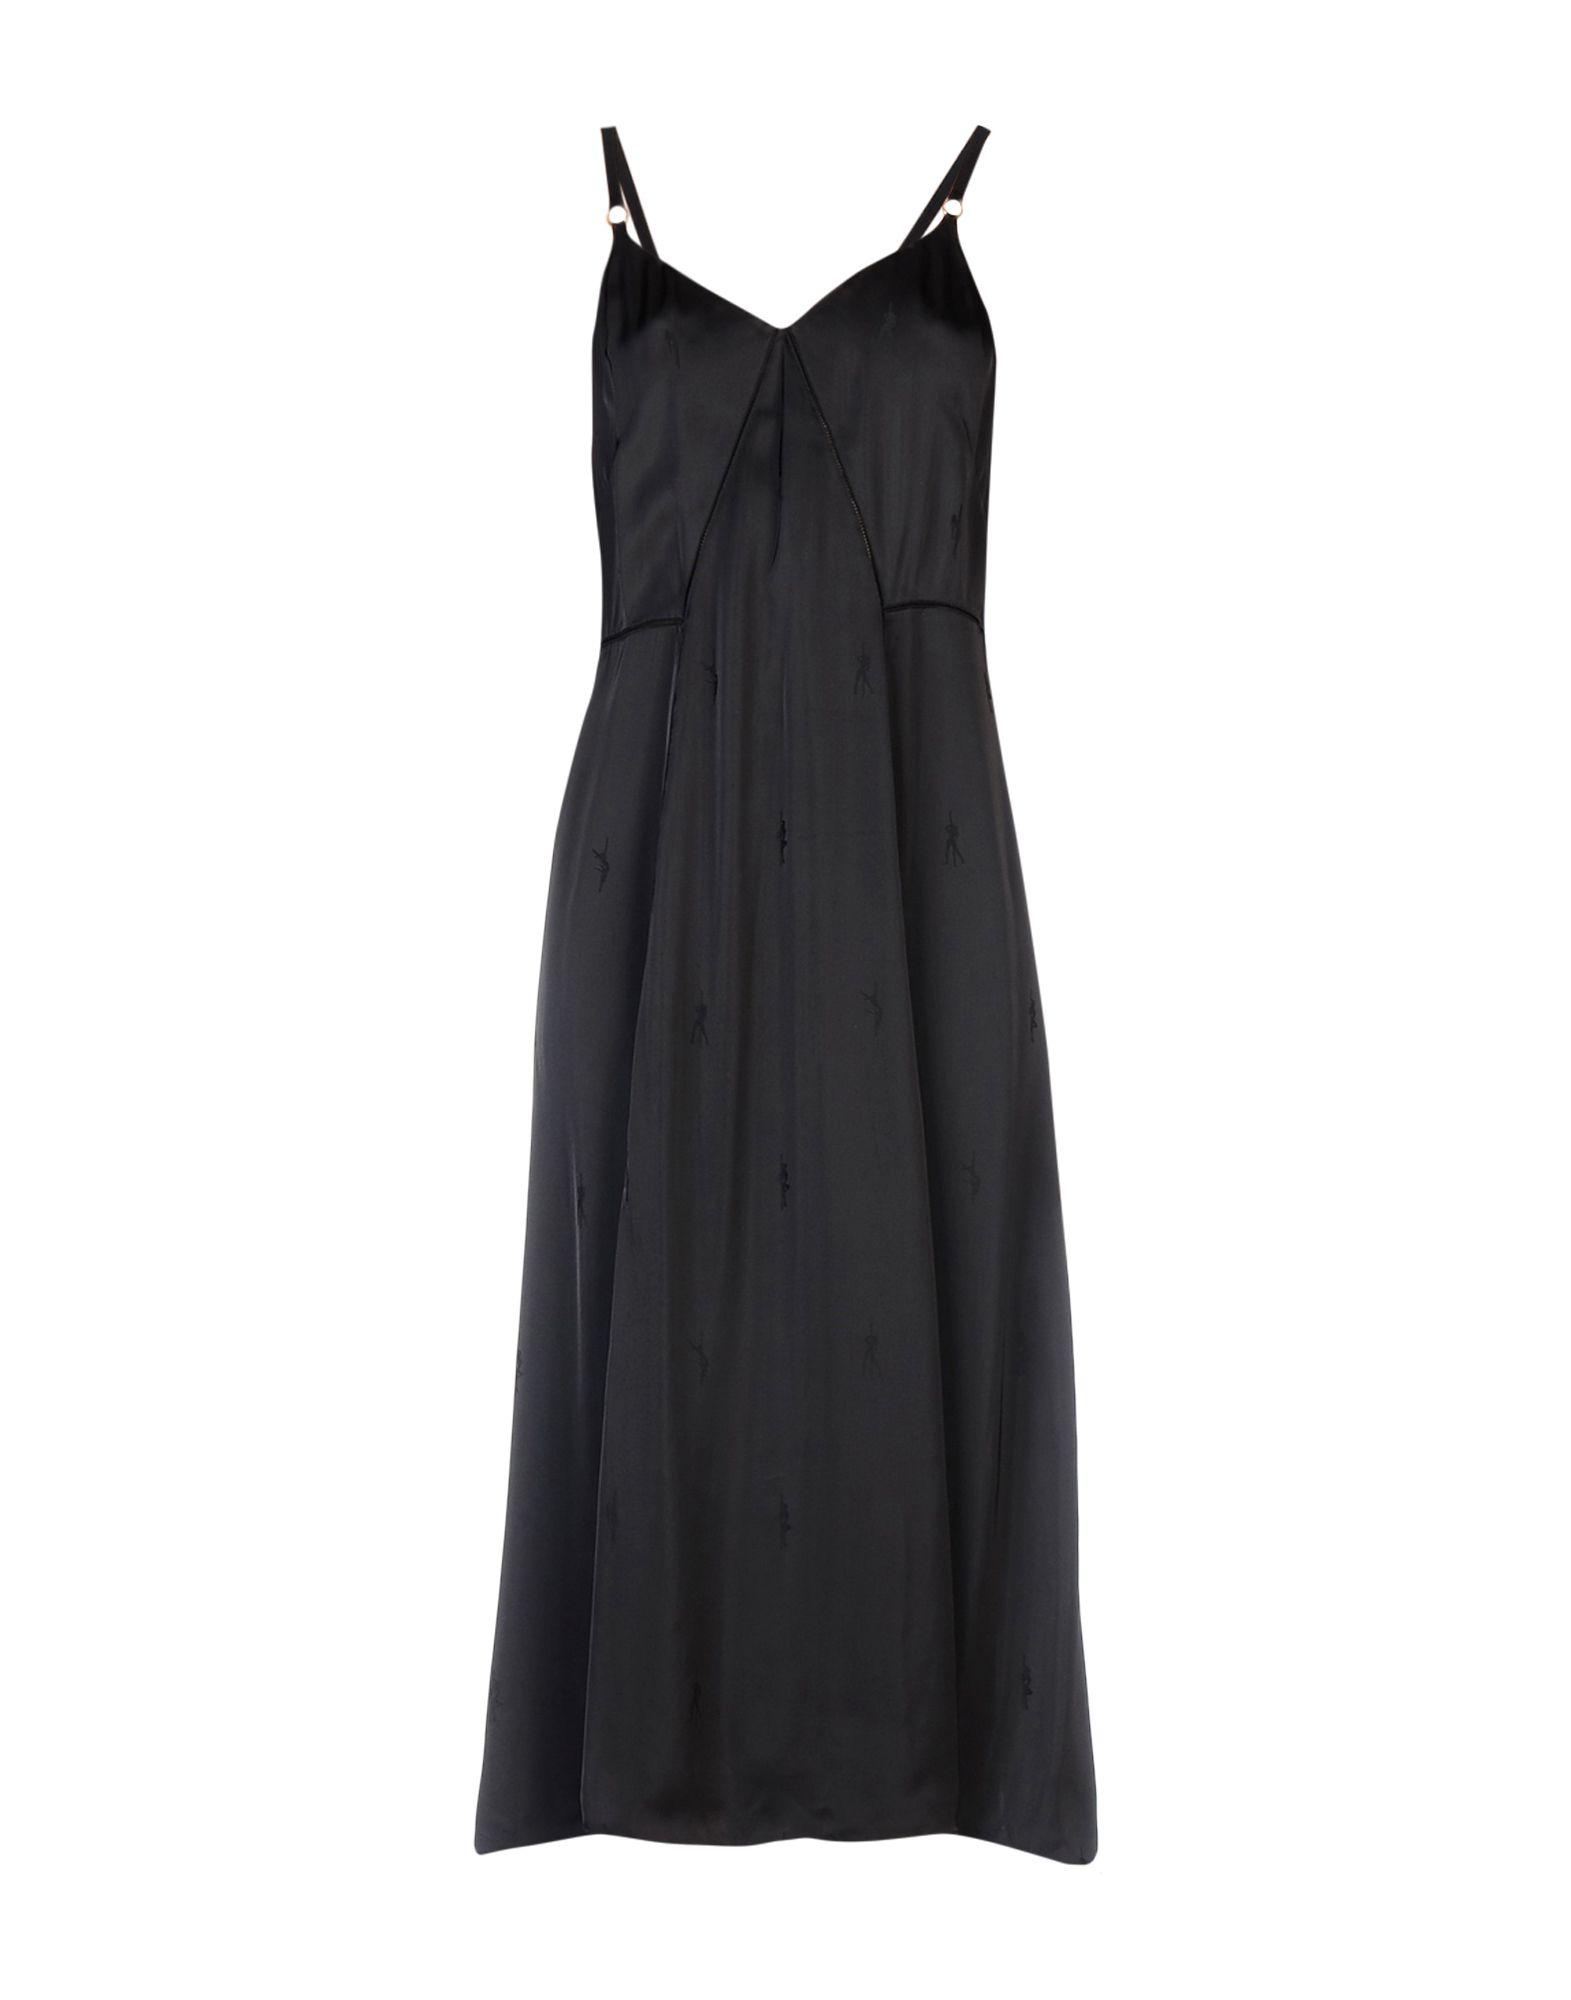 ALEXANDER WANG Платье длиной 3/4 lisa corti платье длиной 3 4